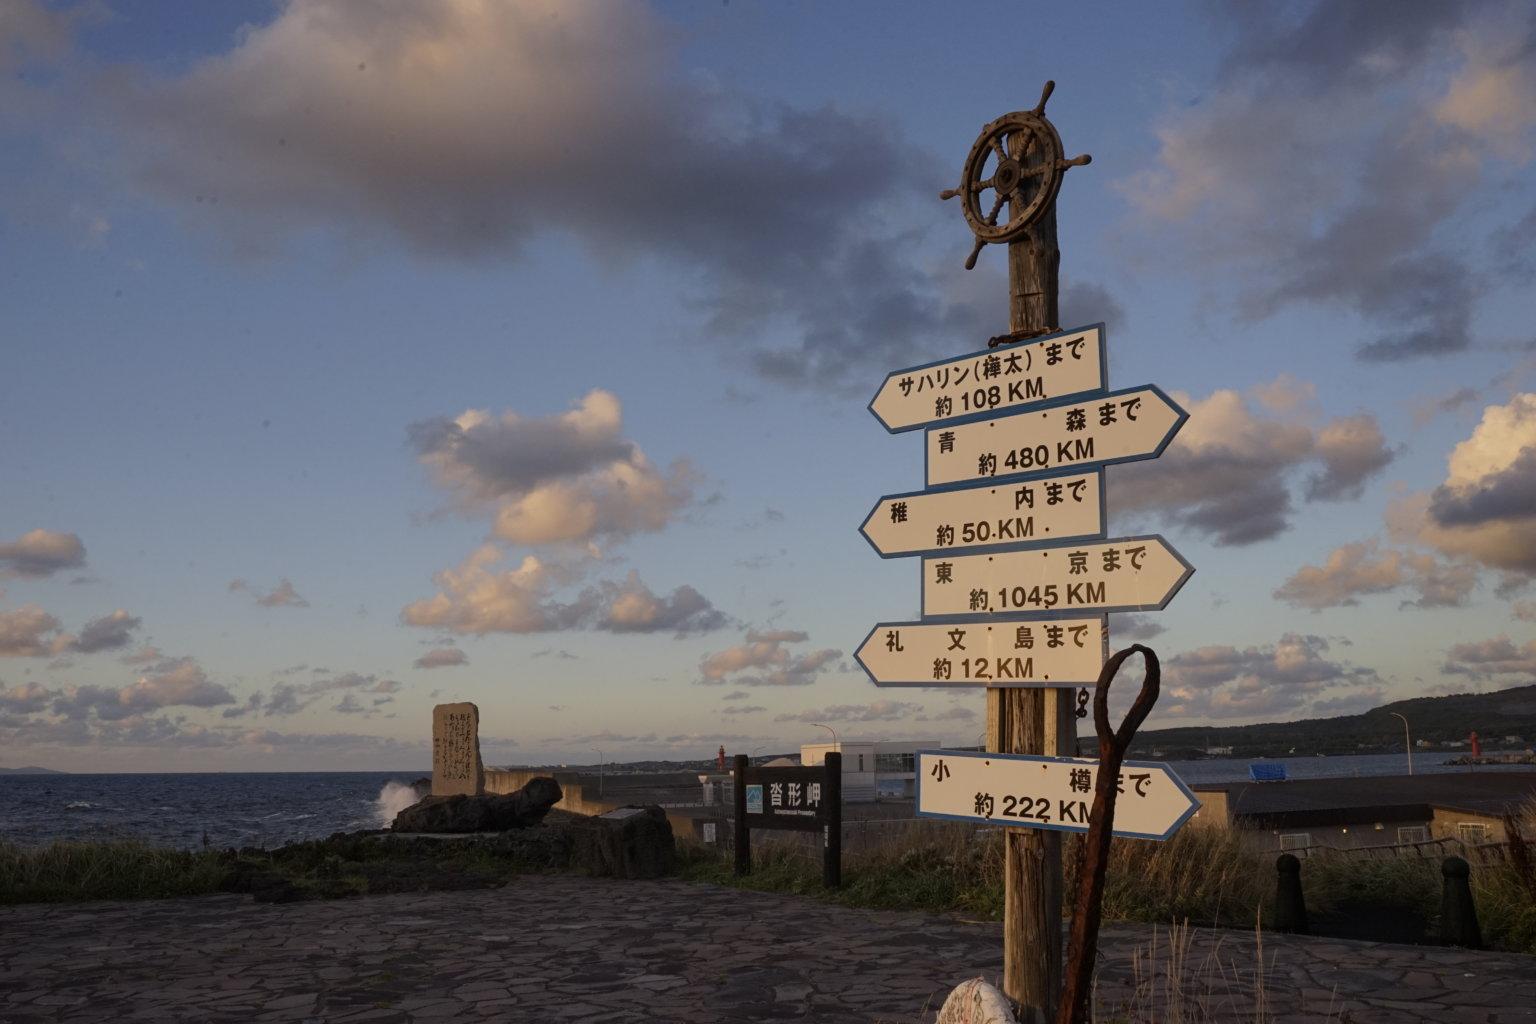 DSC9135 1536x1024 - 【北海道 利尻島】感じる、食べる、くつろぐ、黄昏る、登る!利尻島に来たらやるしかない!利尻島5つの楽しみ方!